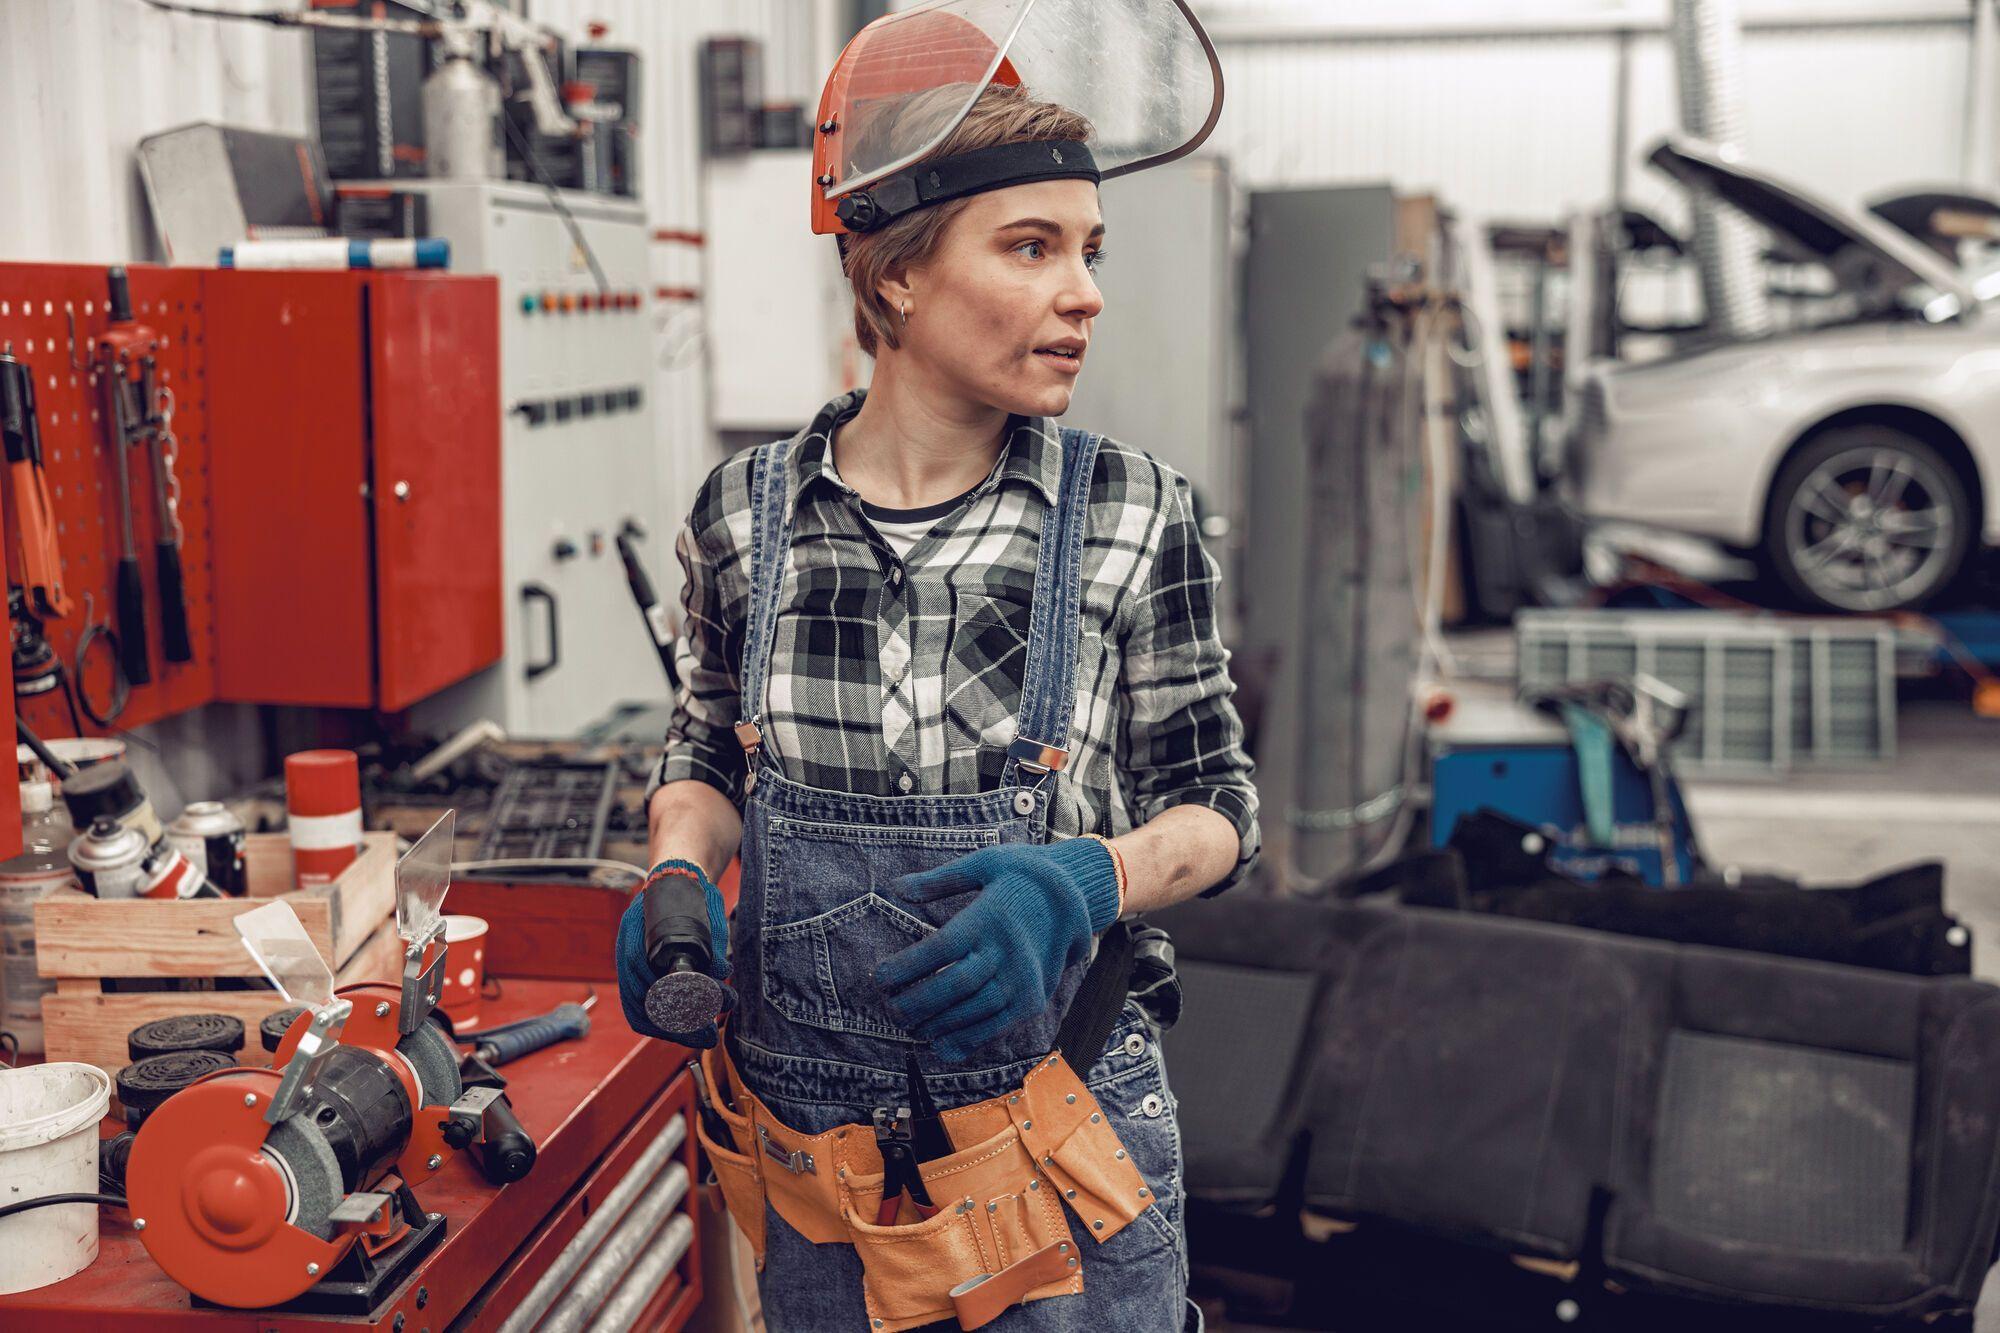 Работа офлайн и онлайн: исторический экскурс и актуальные тенденции на рынке труда